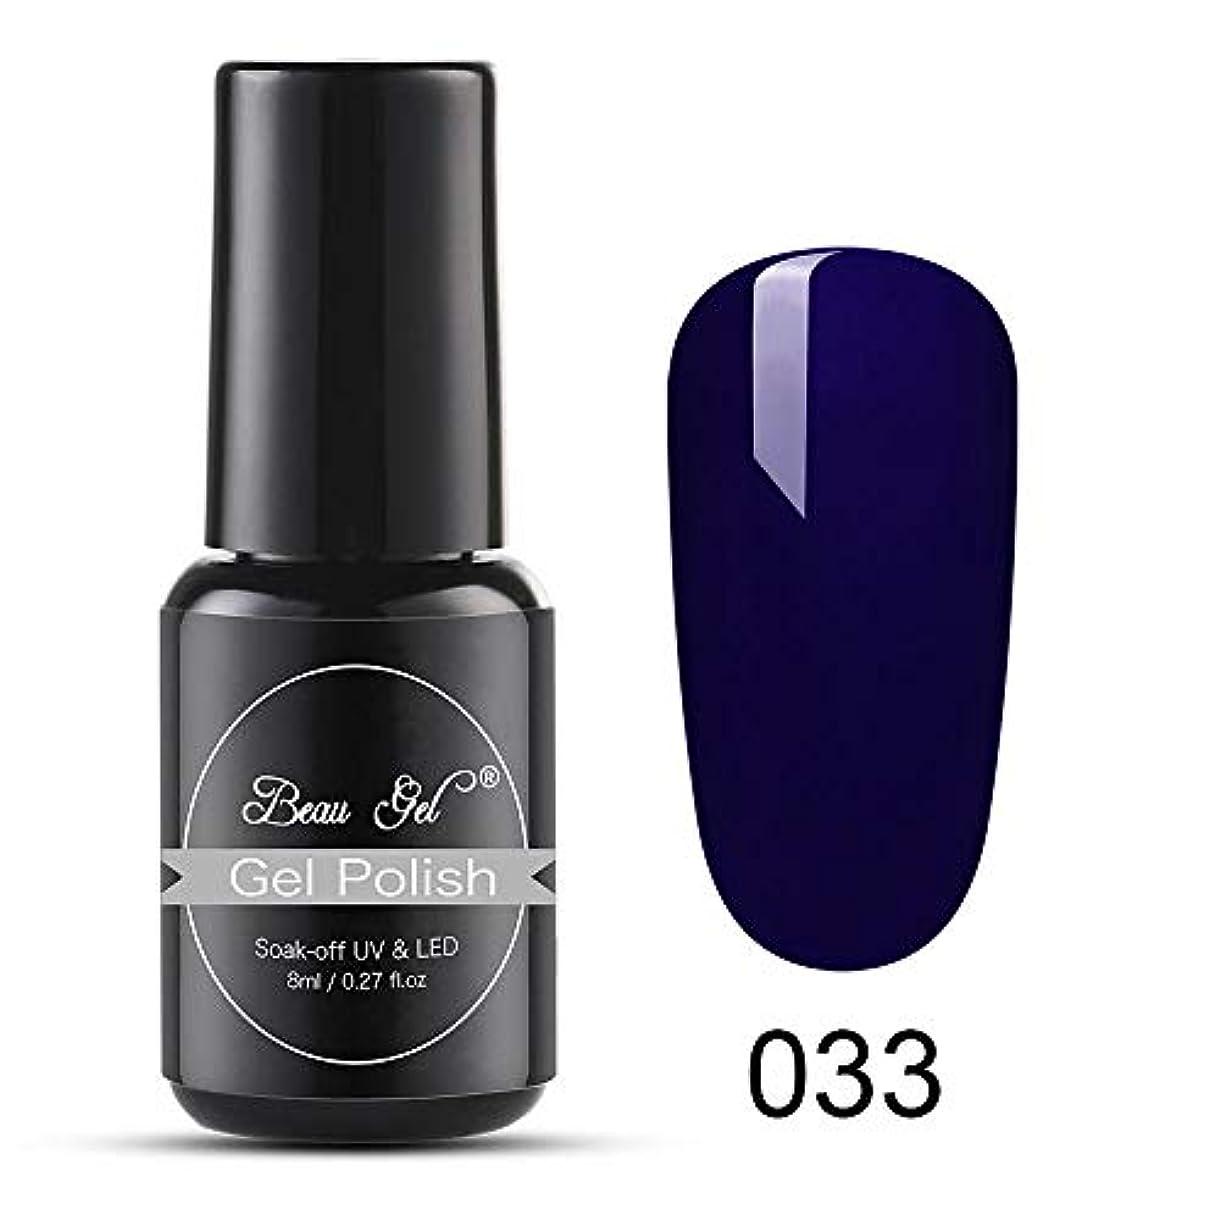 かすれた近々ラダBeau gel ジェルネイル カラージェル 超長い蓋 塗りが便利 1色入り8ml-30033